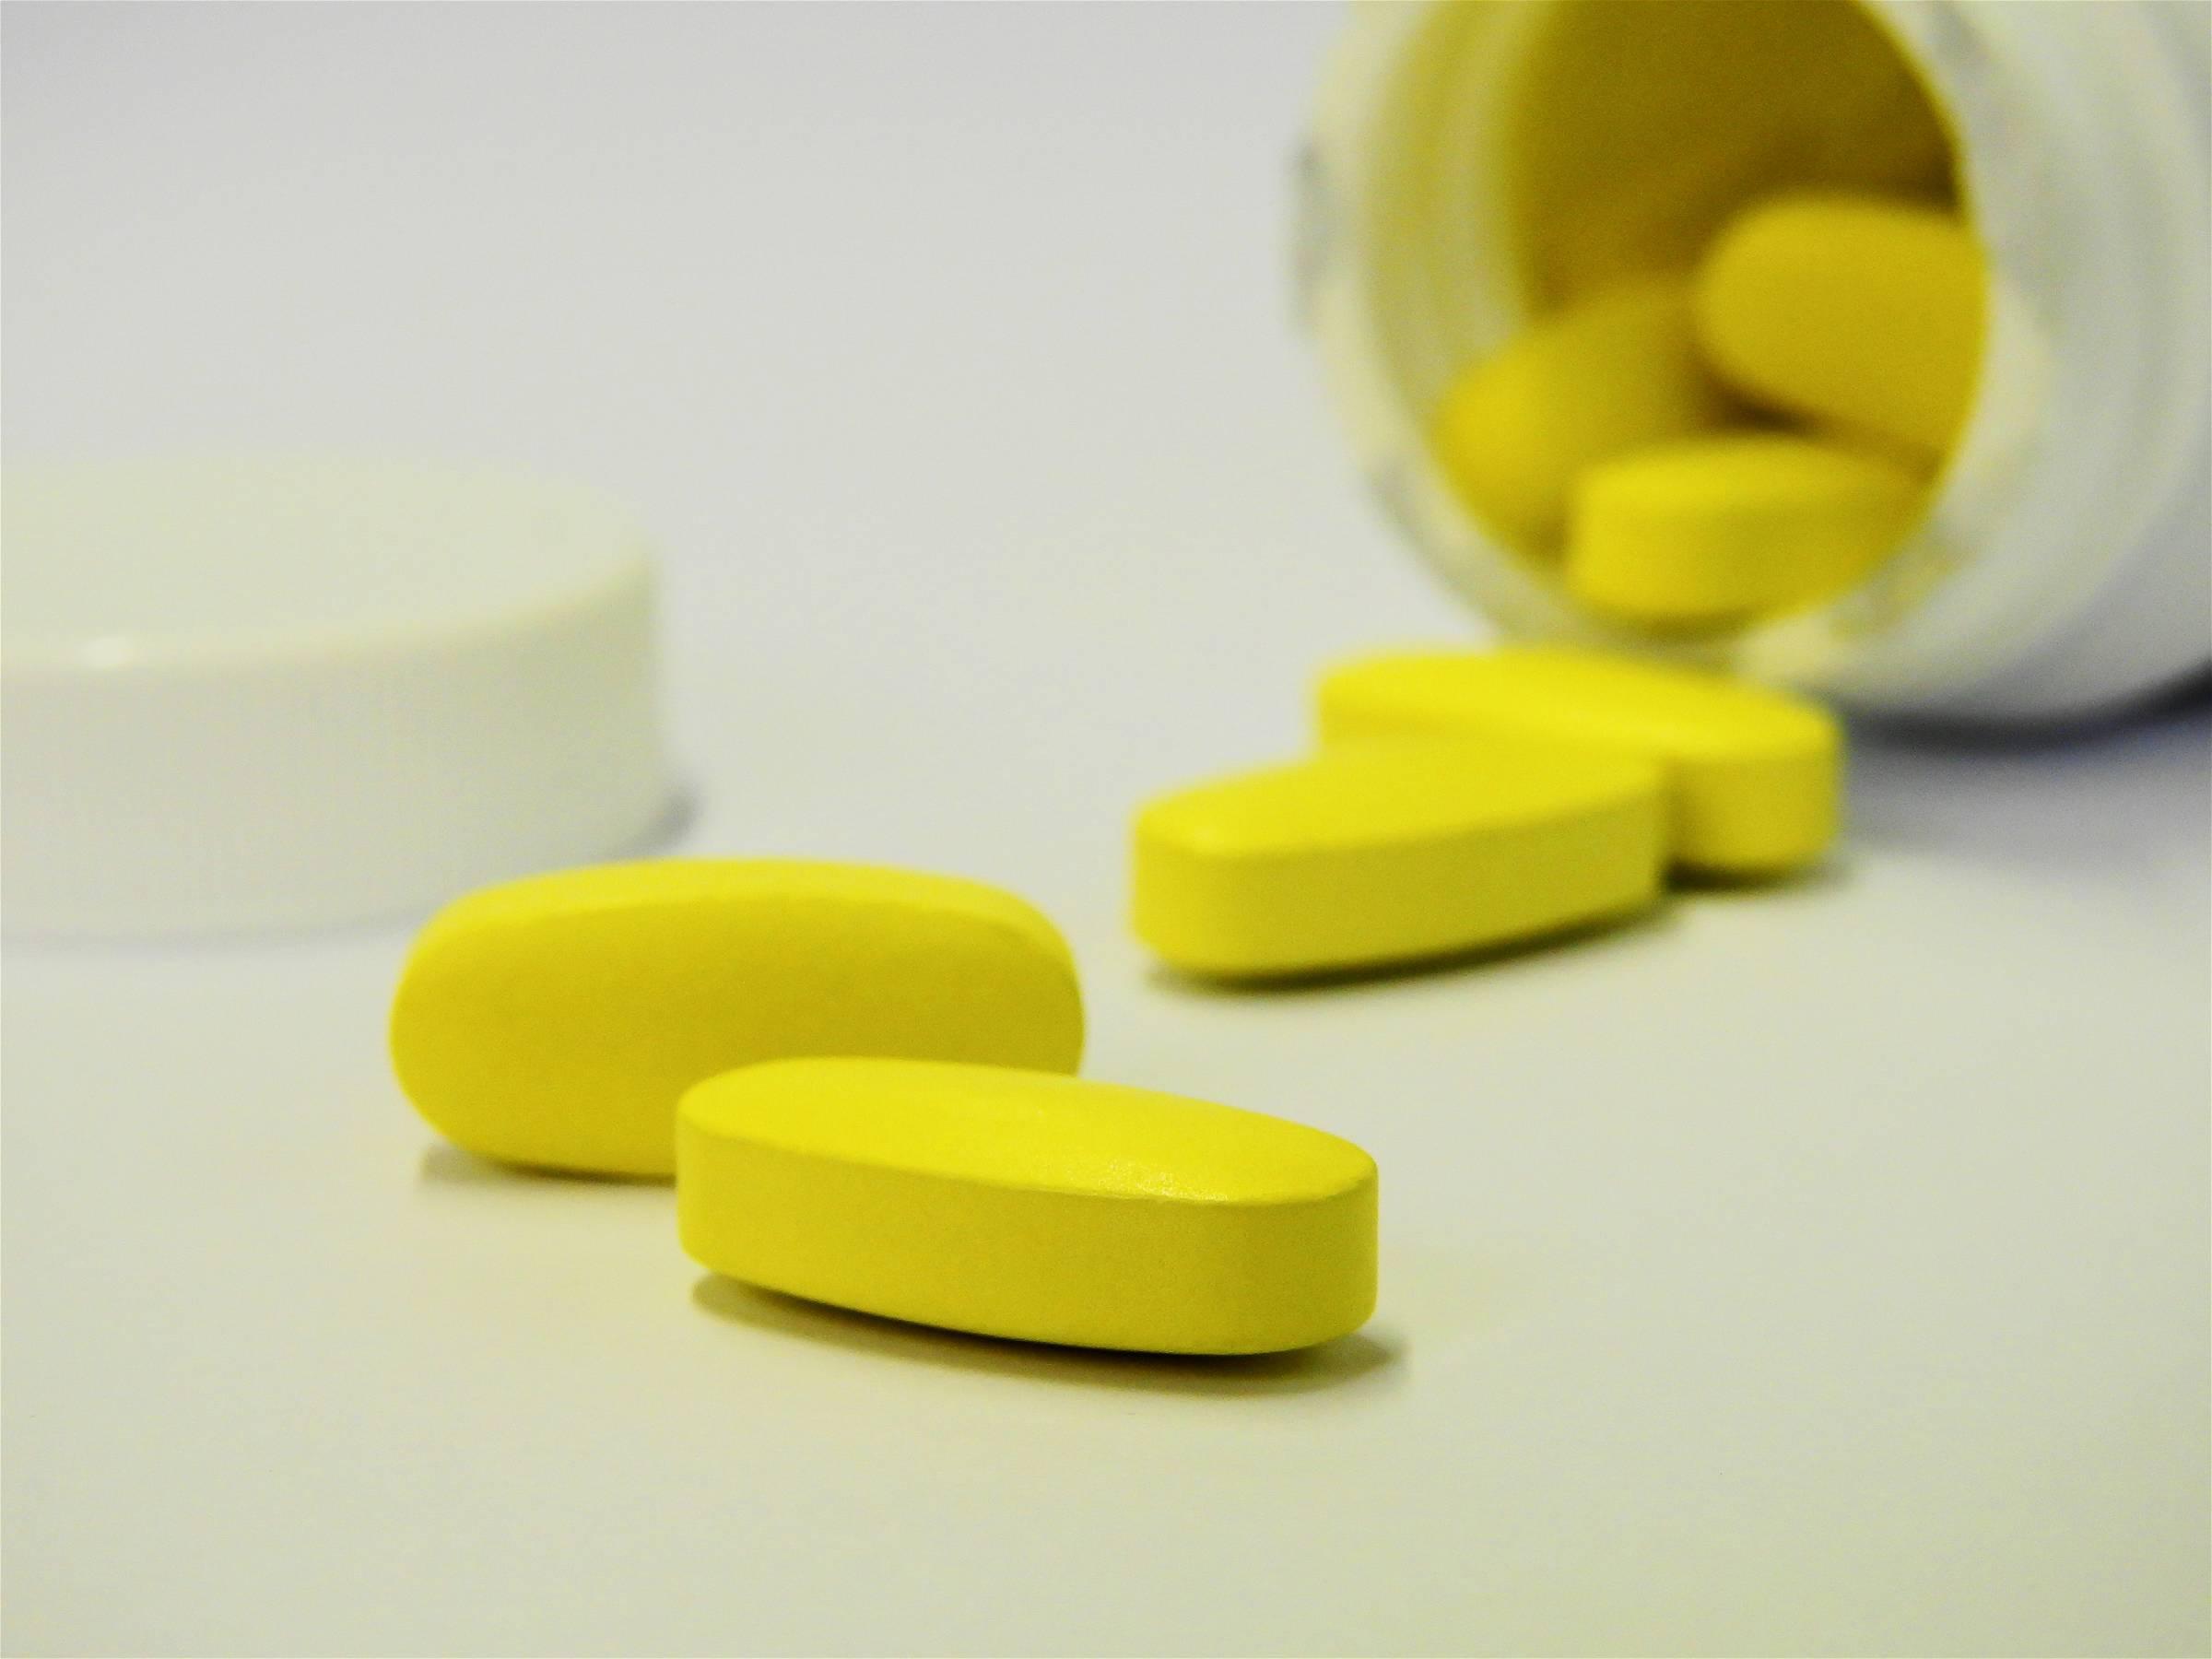 vitamine c supplement tabletten